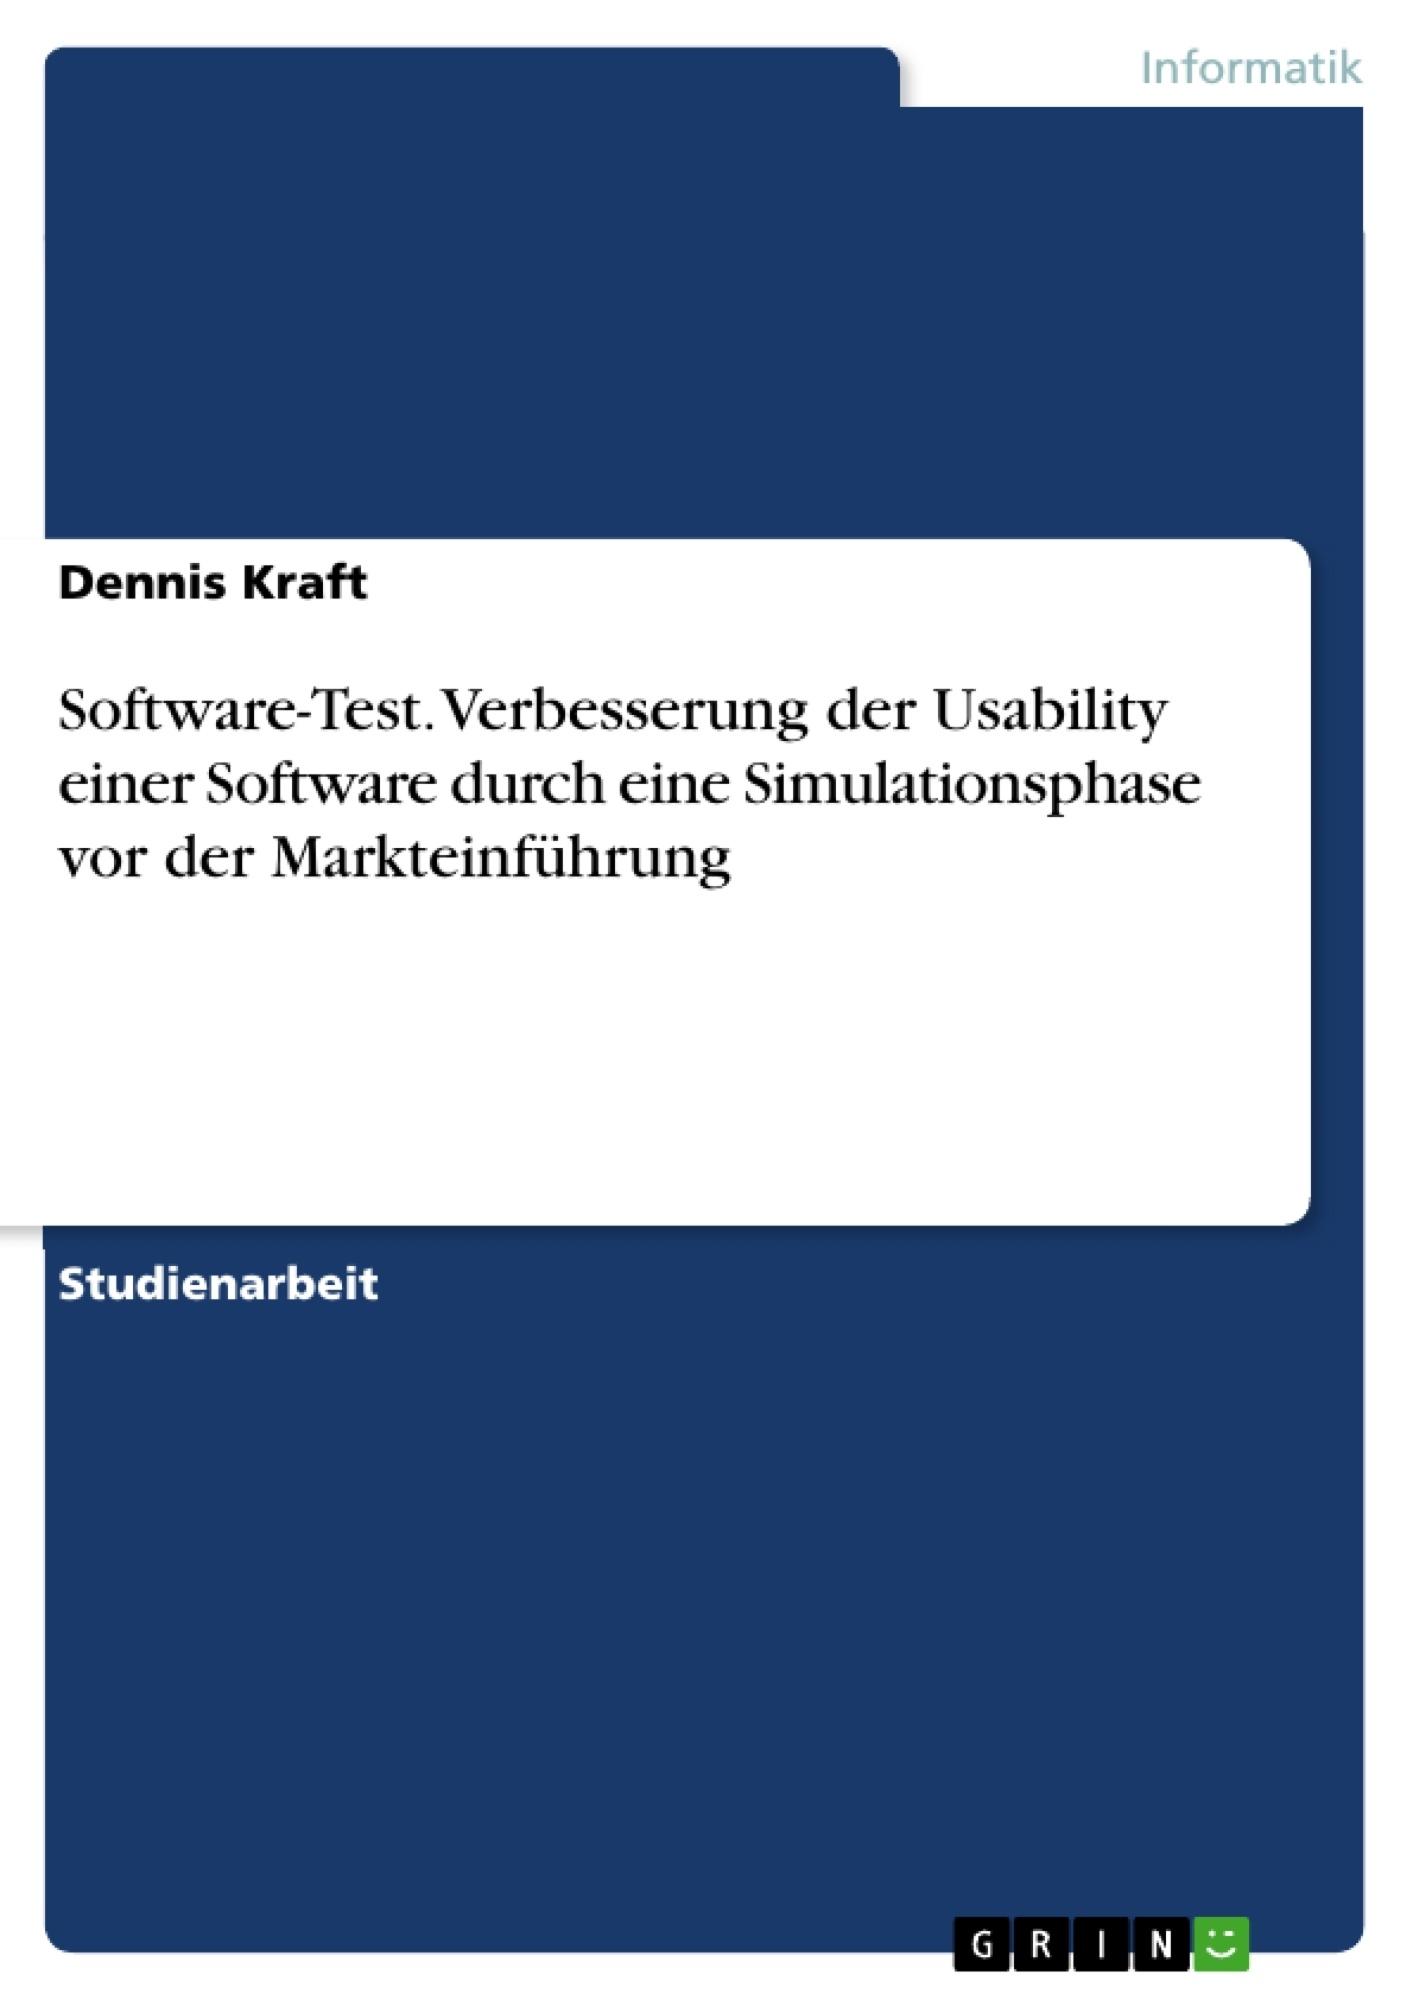 Titel: Software-Test. Verbesserung der Usability einer Software durch eine Simulationsphase vor der Markteinführung